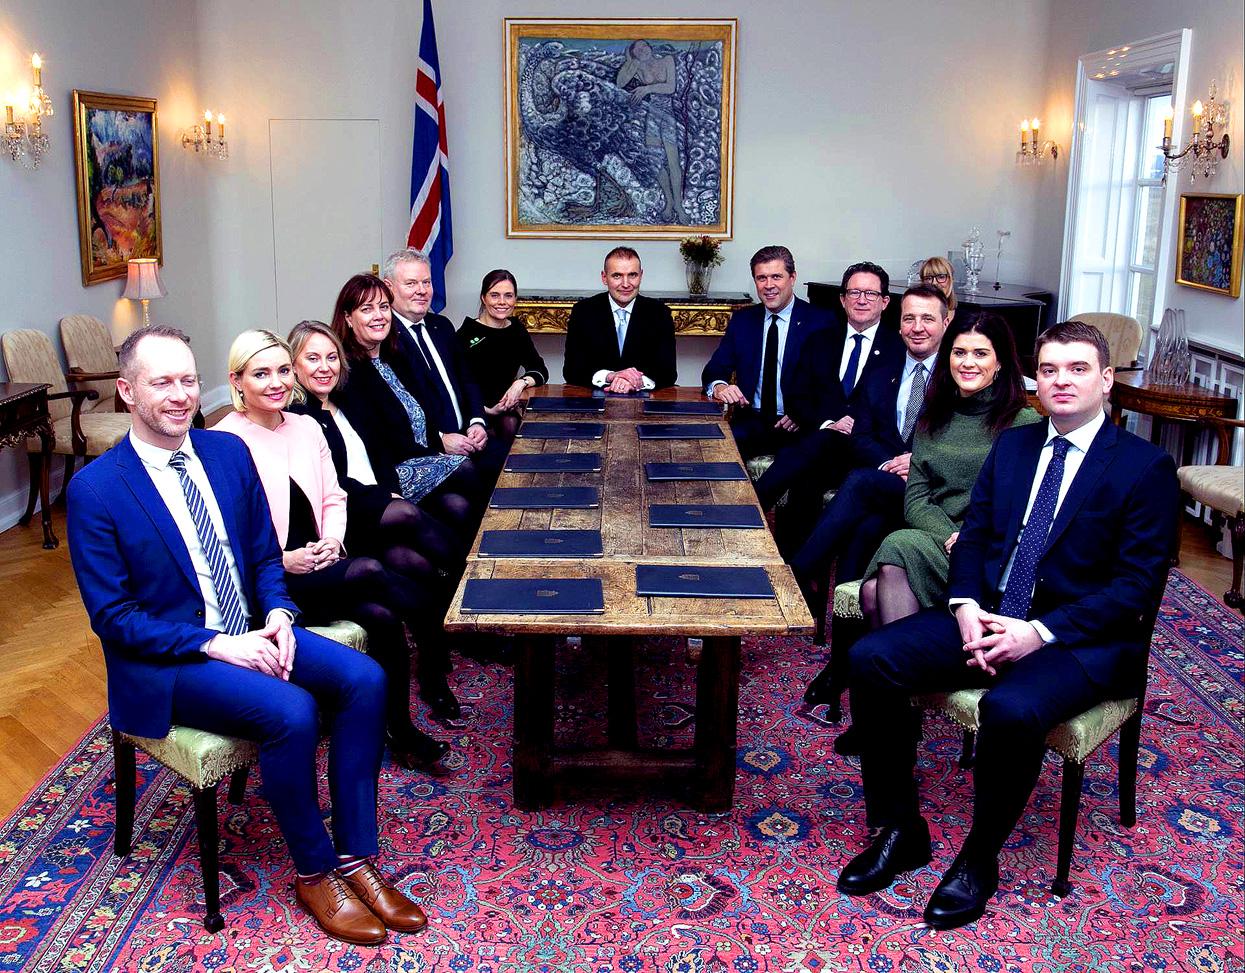 Правительство Исландии. Фото: globallookpress.com